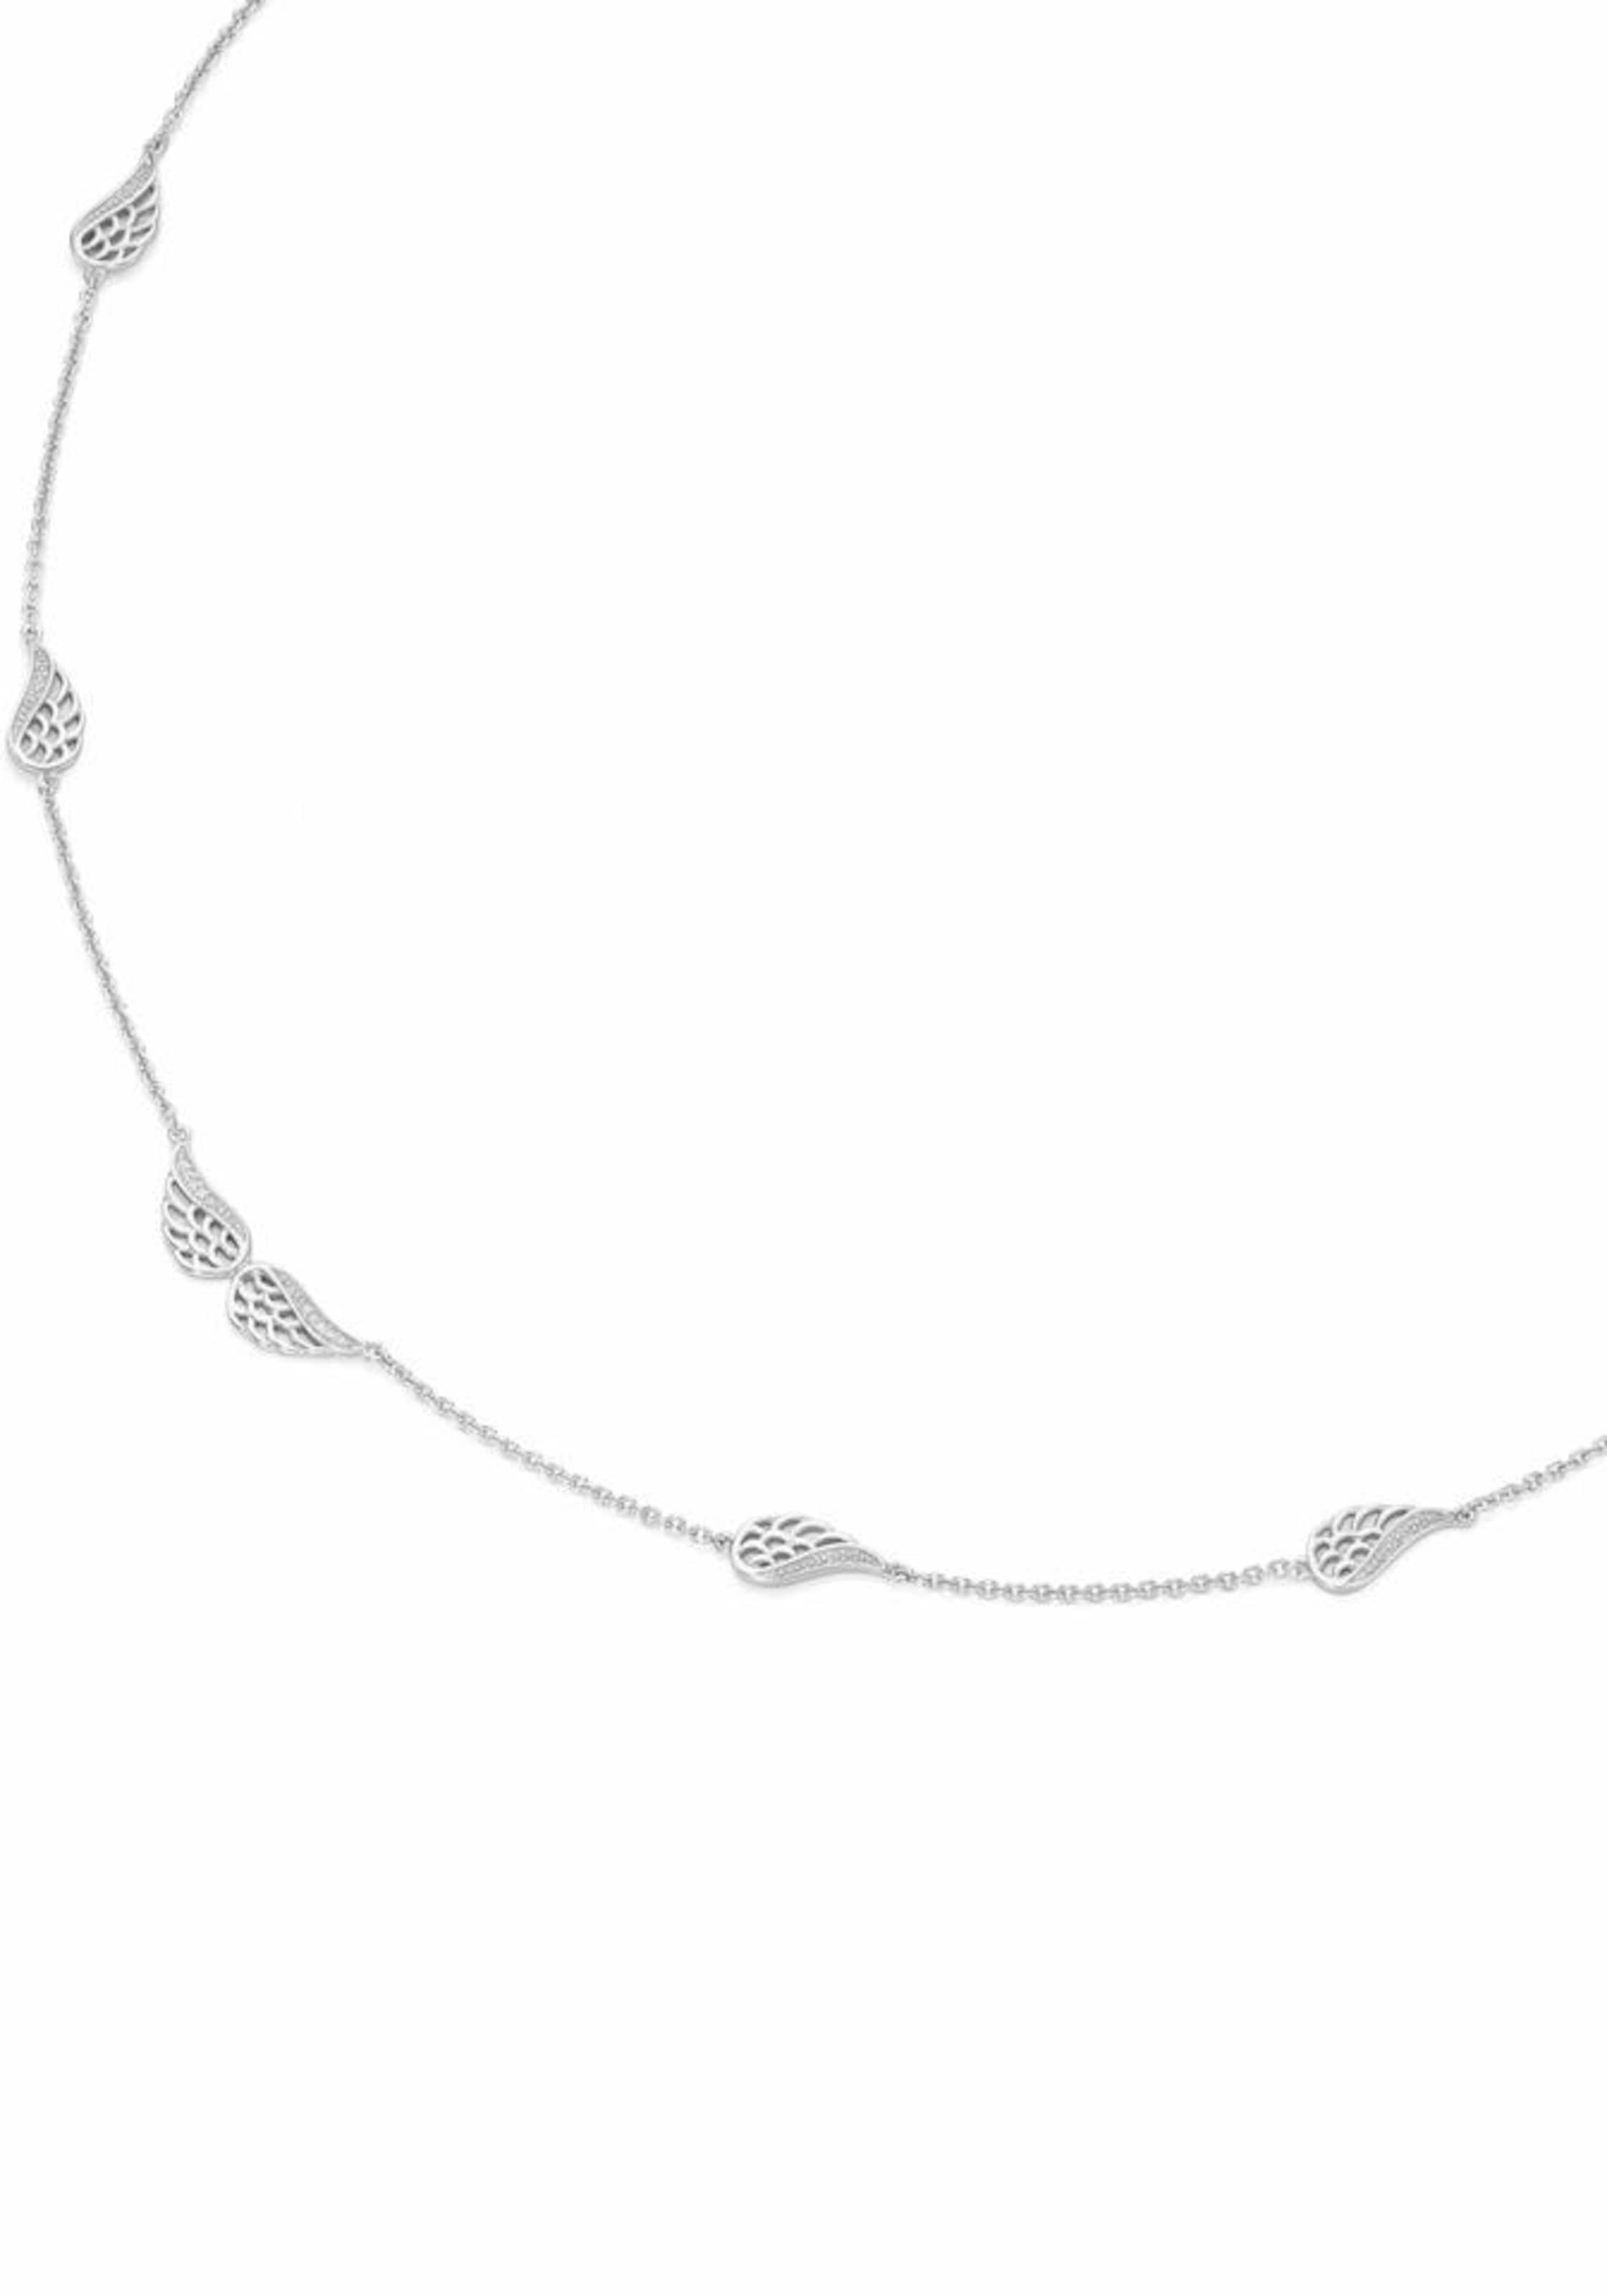 FIRETTI Silberkette 'Flügel' Low-Cost Verkauf Online Günstig Kaufen 2018 Unisex Limit Rabatt Ang6Fsu